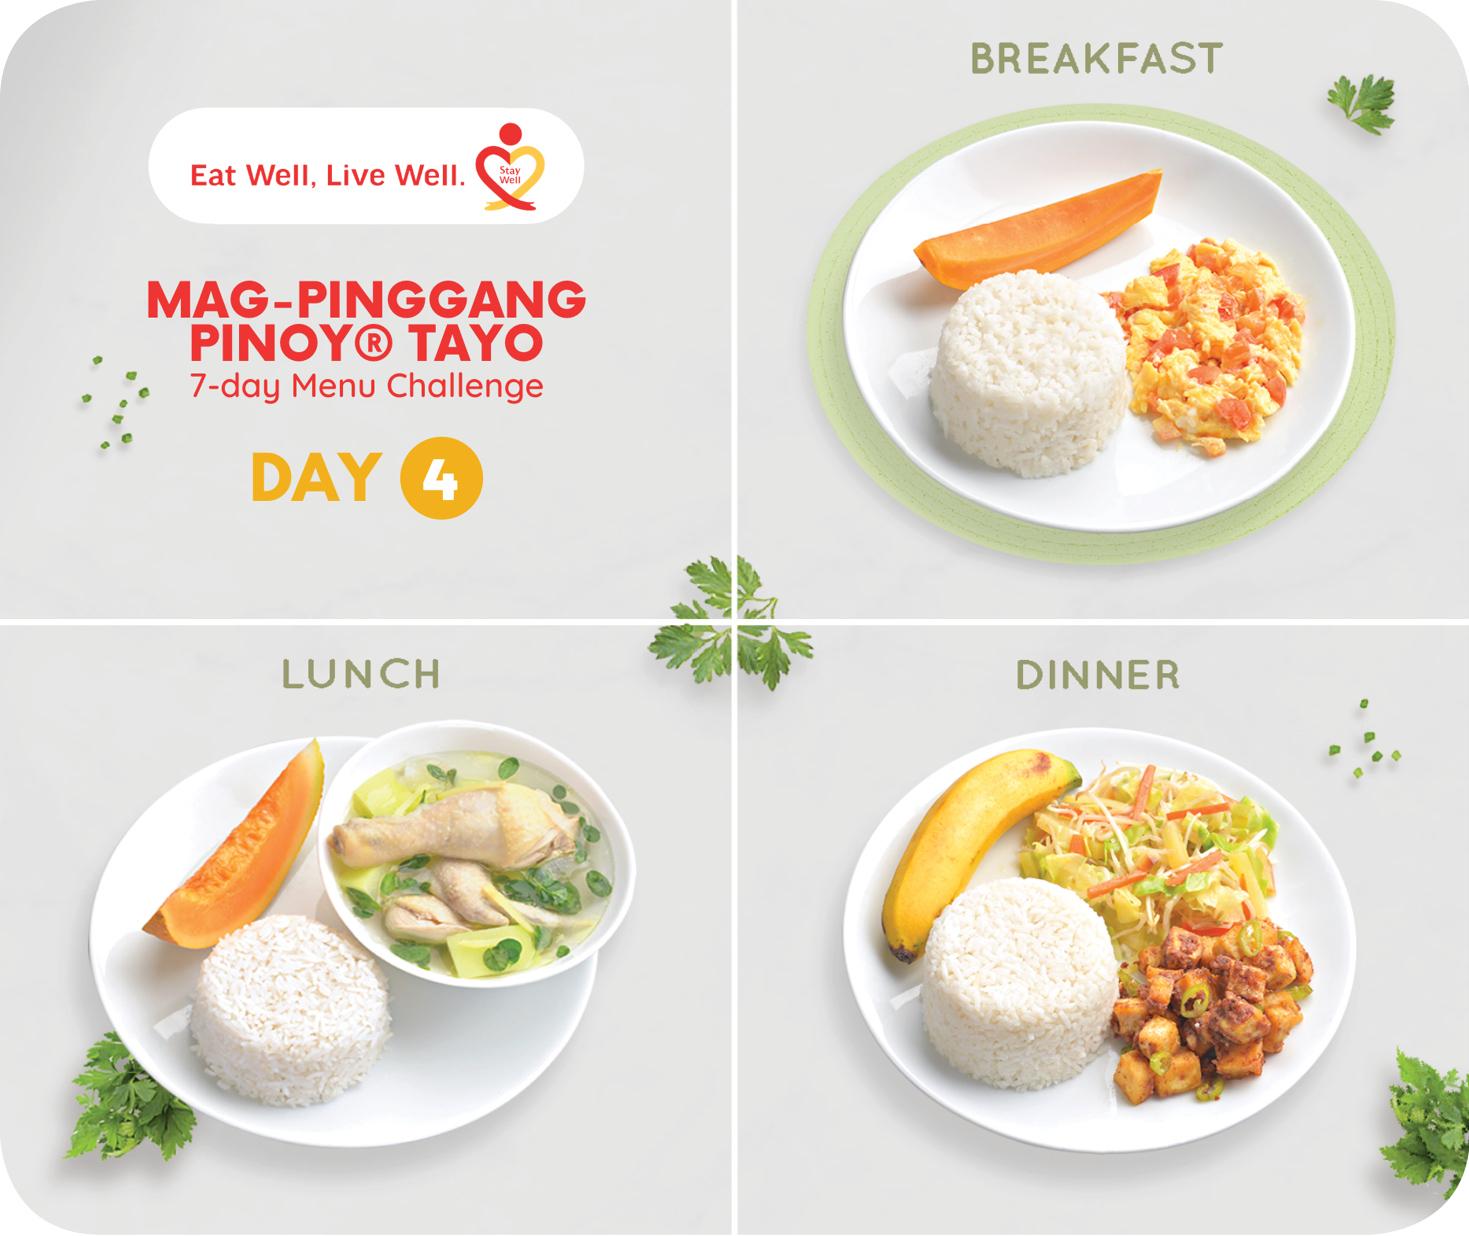 Day 4 Mag-Pinggang Pinoy® Tayo 7-day Menu Challenge